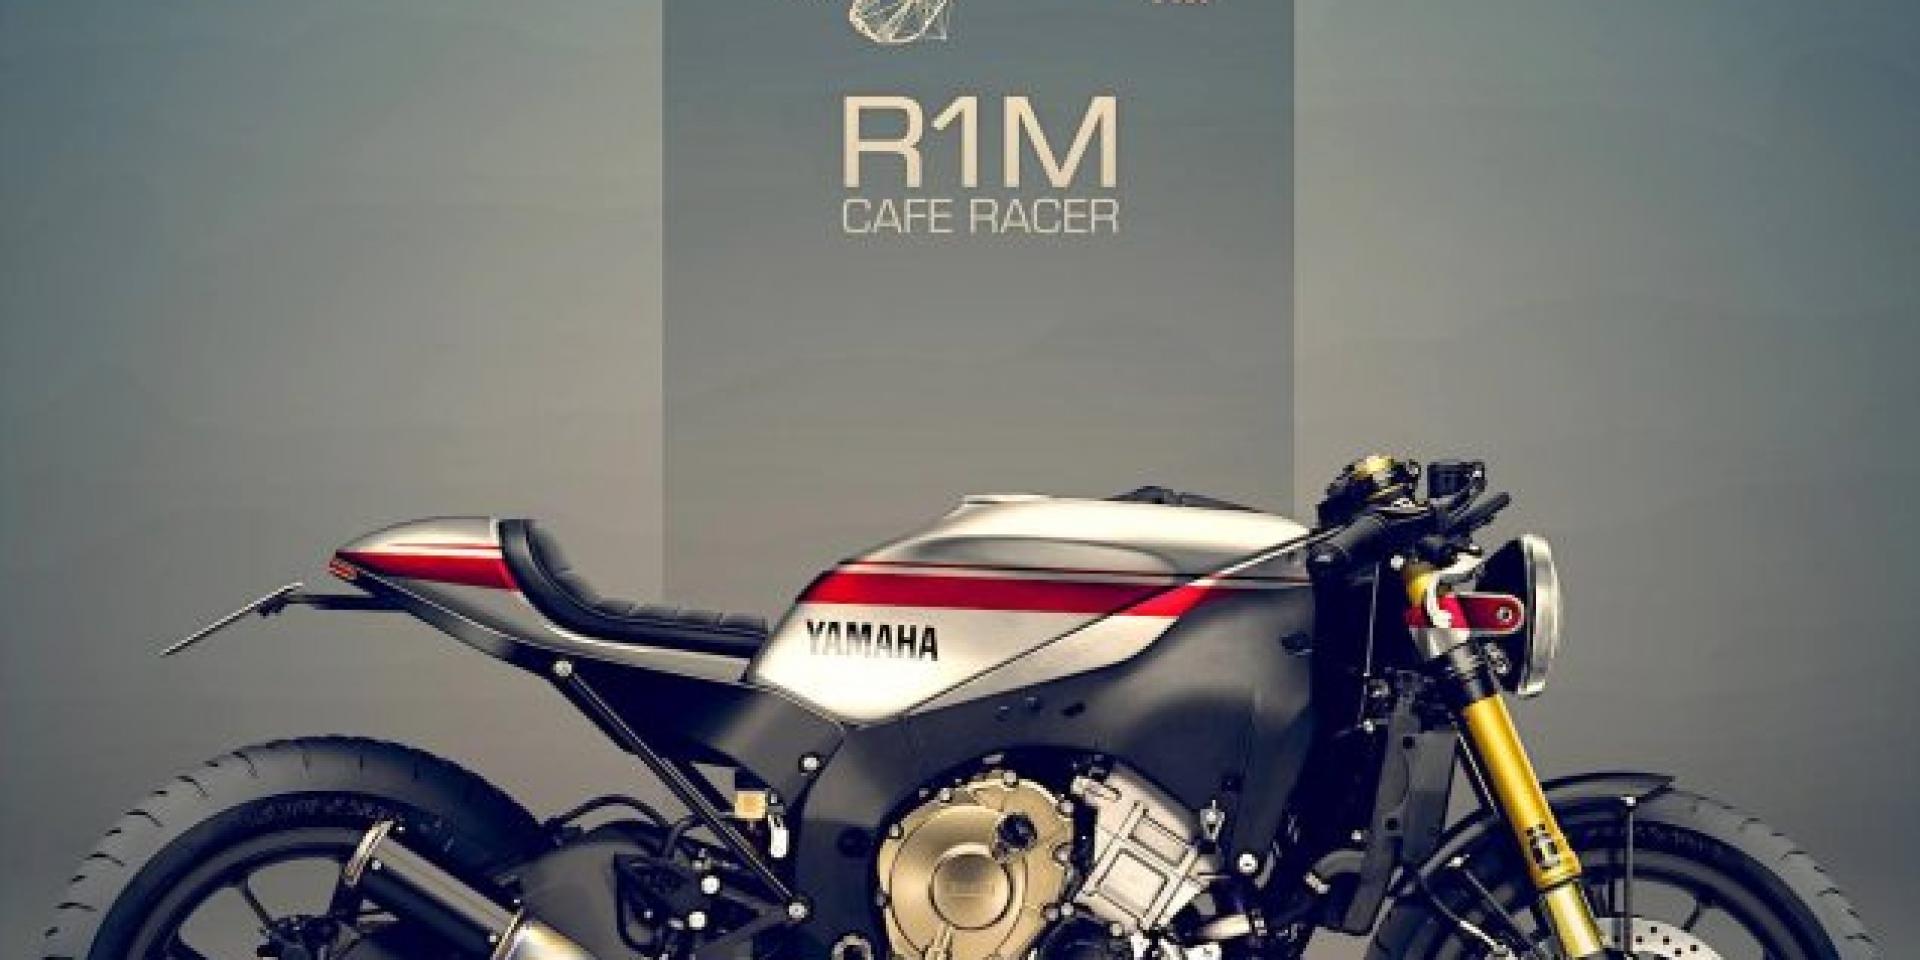 等一群人,咖啡-YAMAHA R1M Café Racer by Holographic Hammer